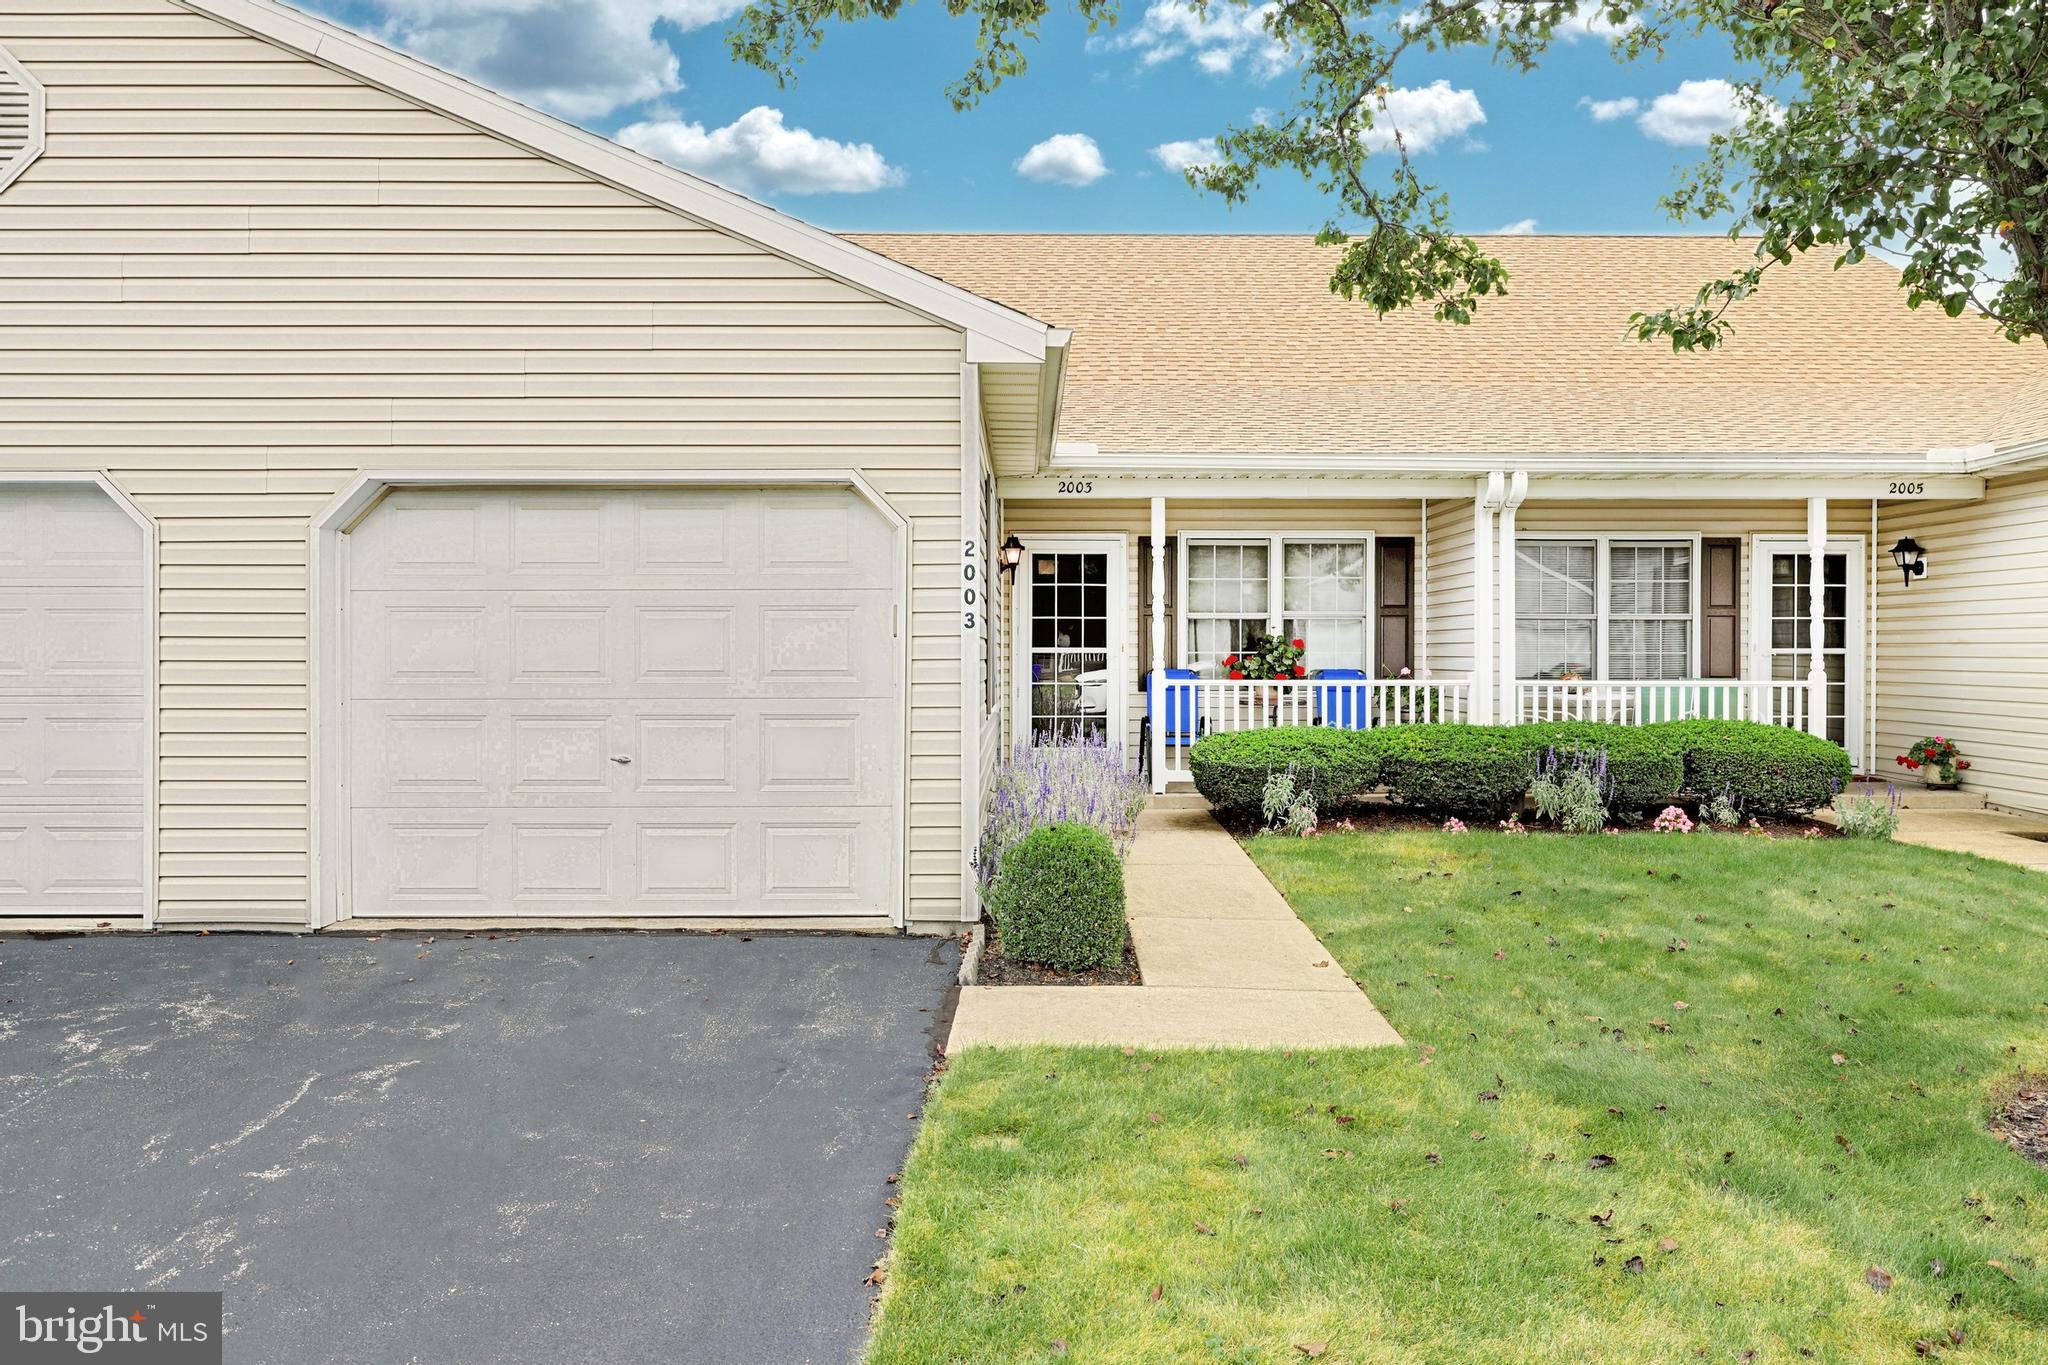 2003 Village Circle E, York, PA 17404